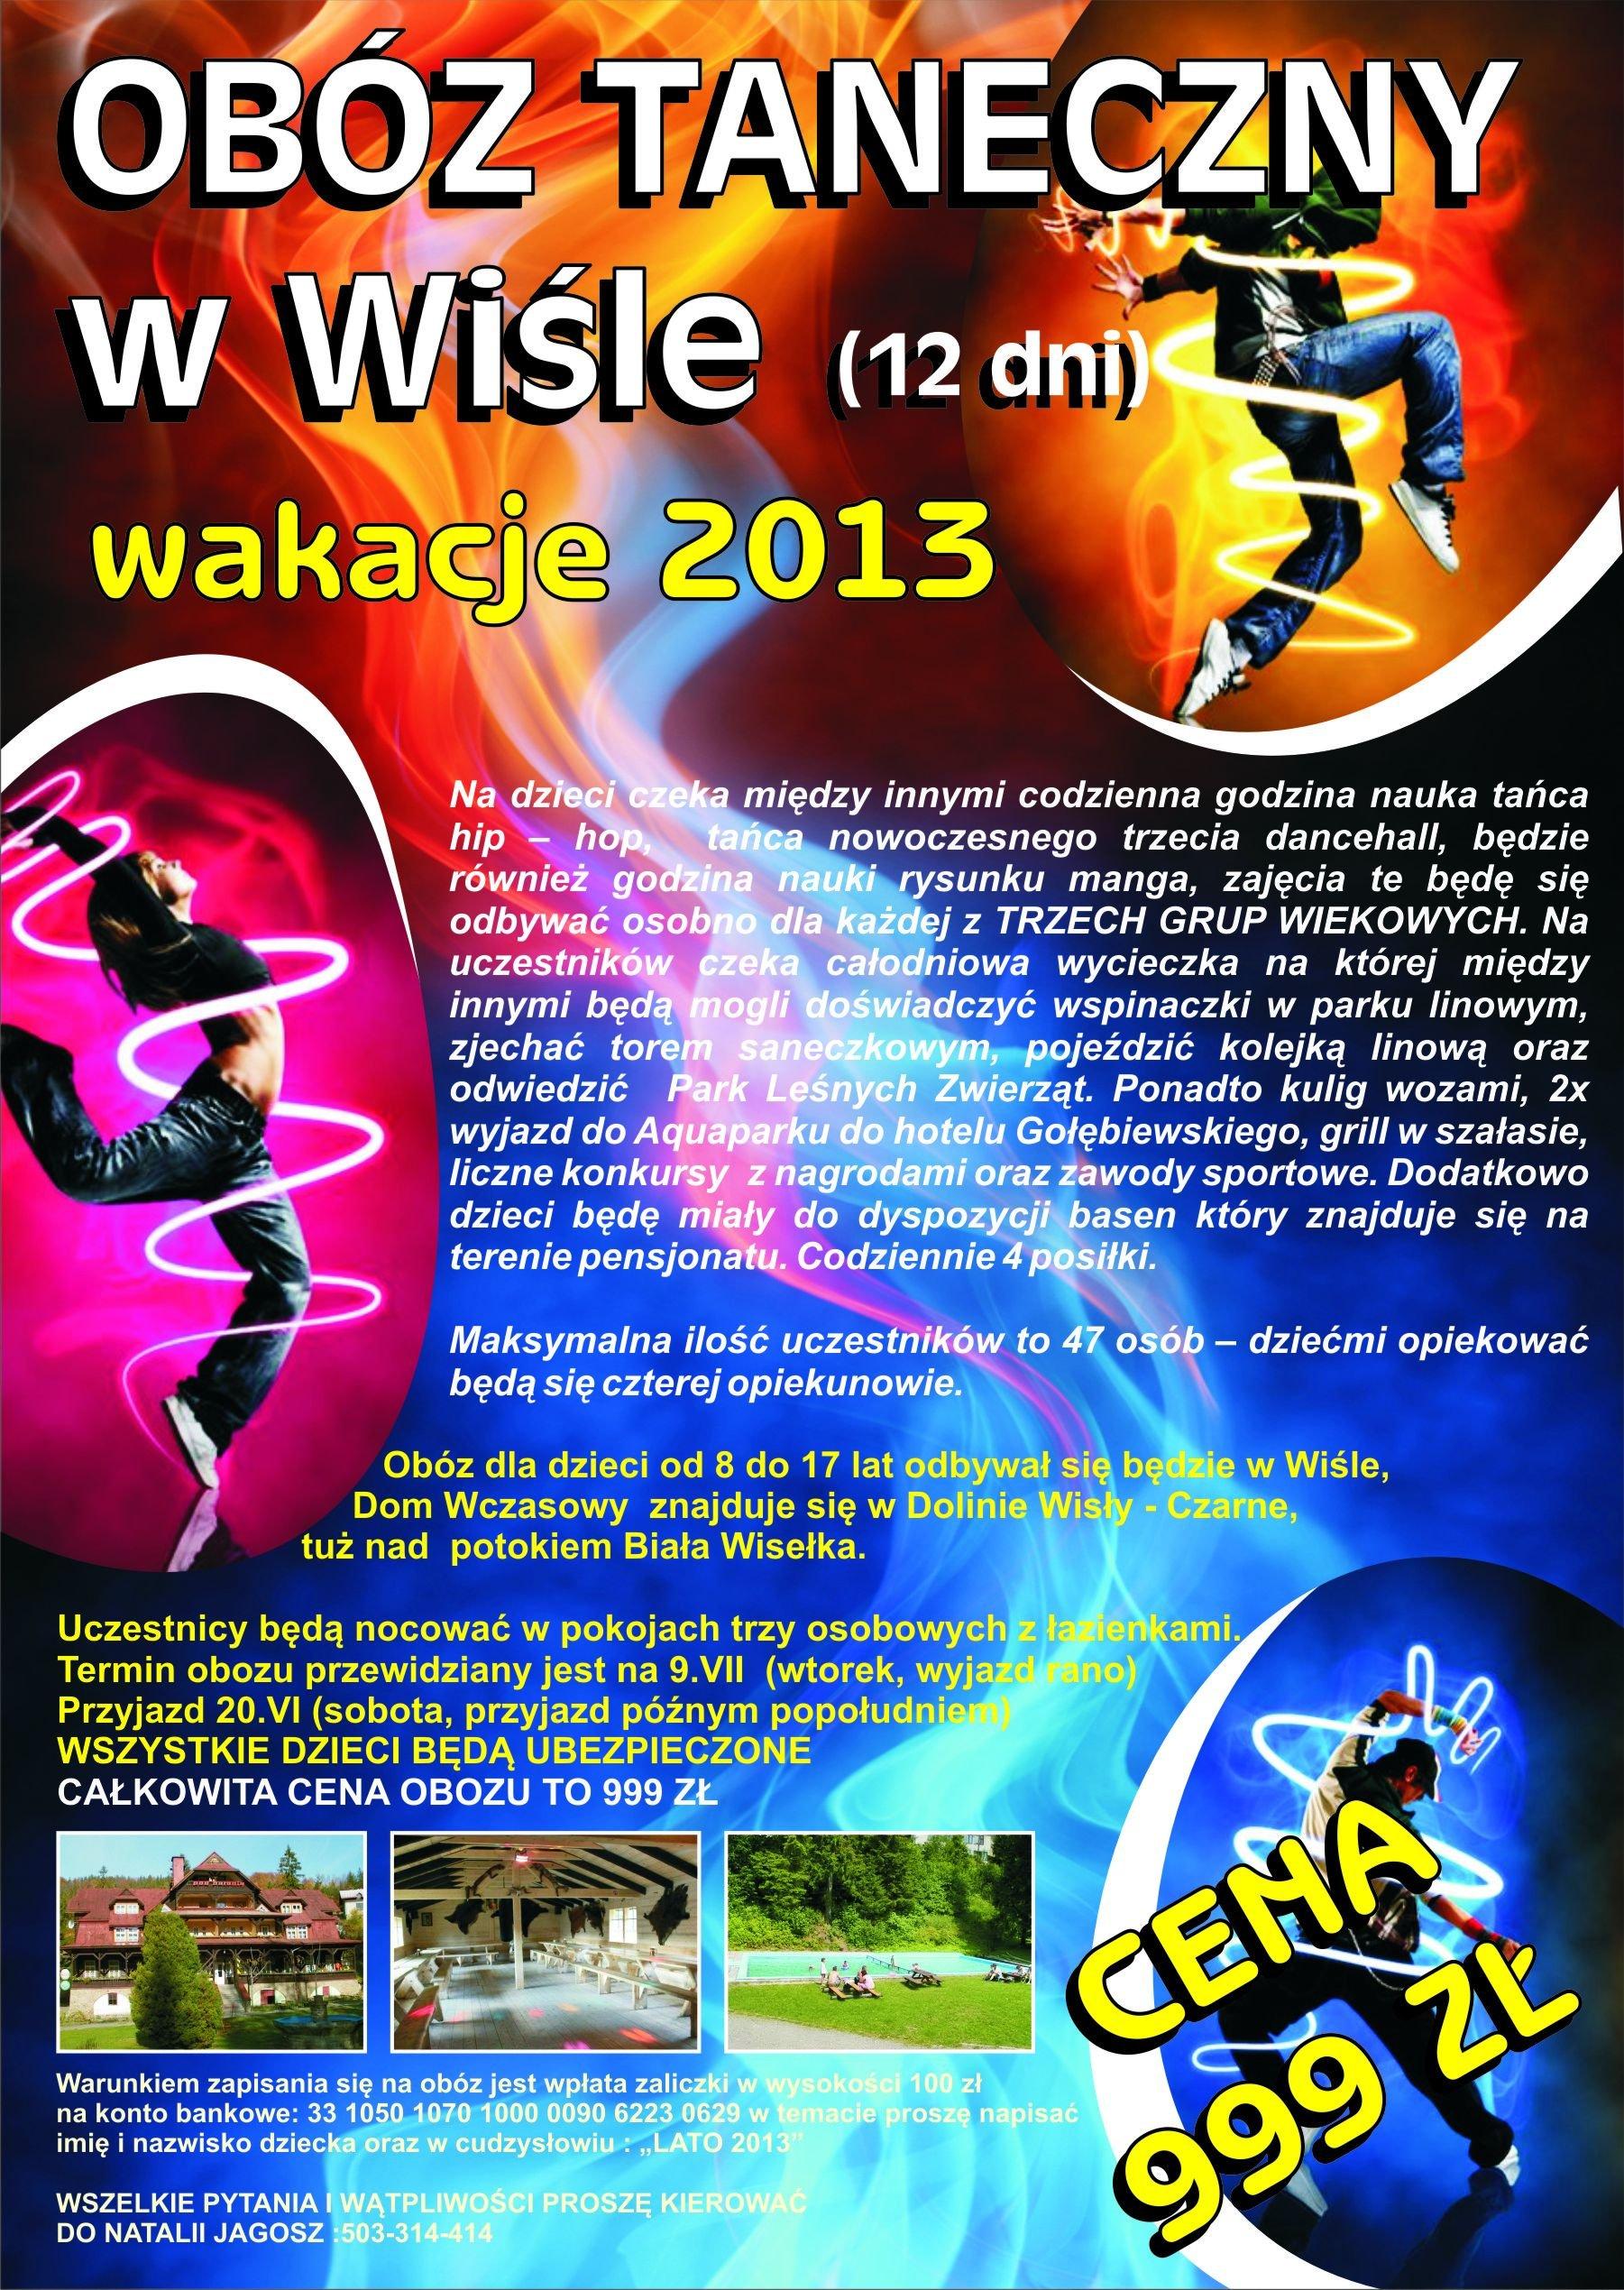 Obóz taneczny w Wiśle ( 09.07 - 20.07.2013)